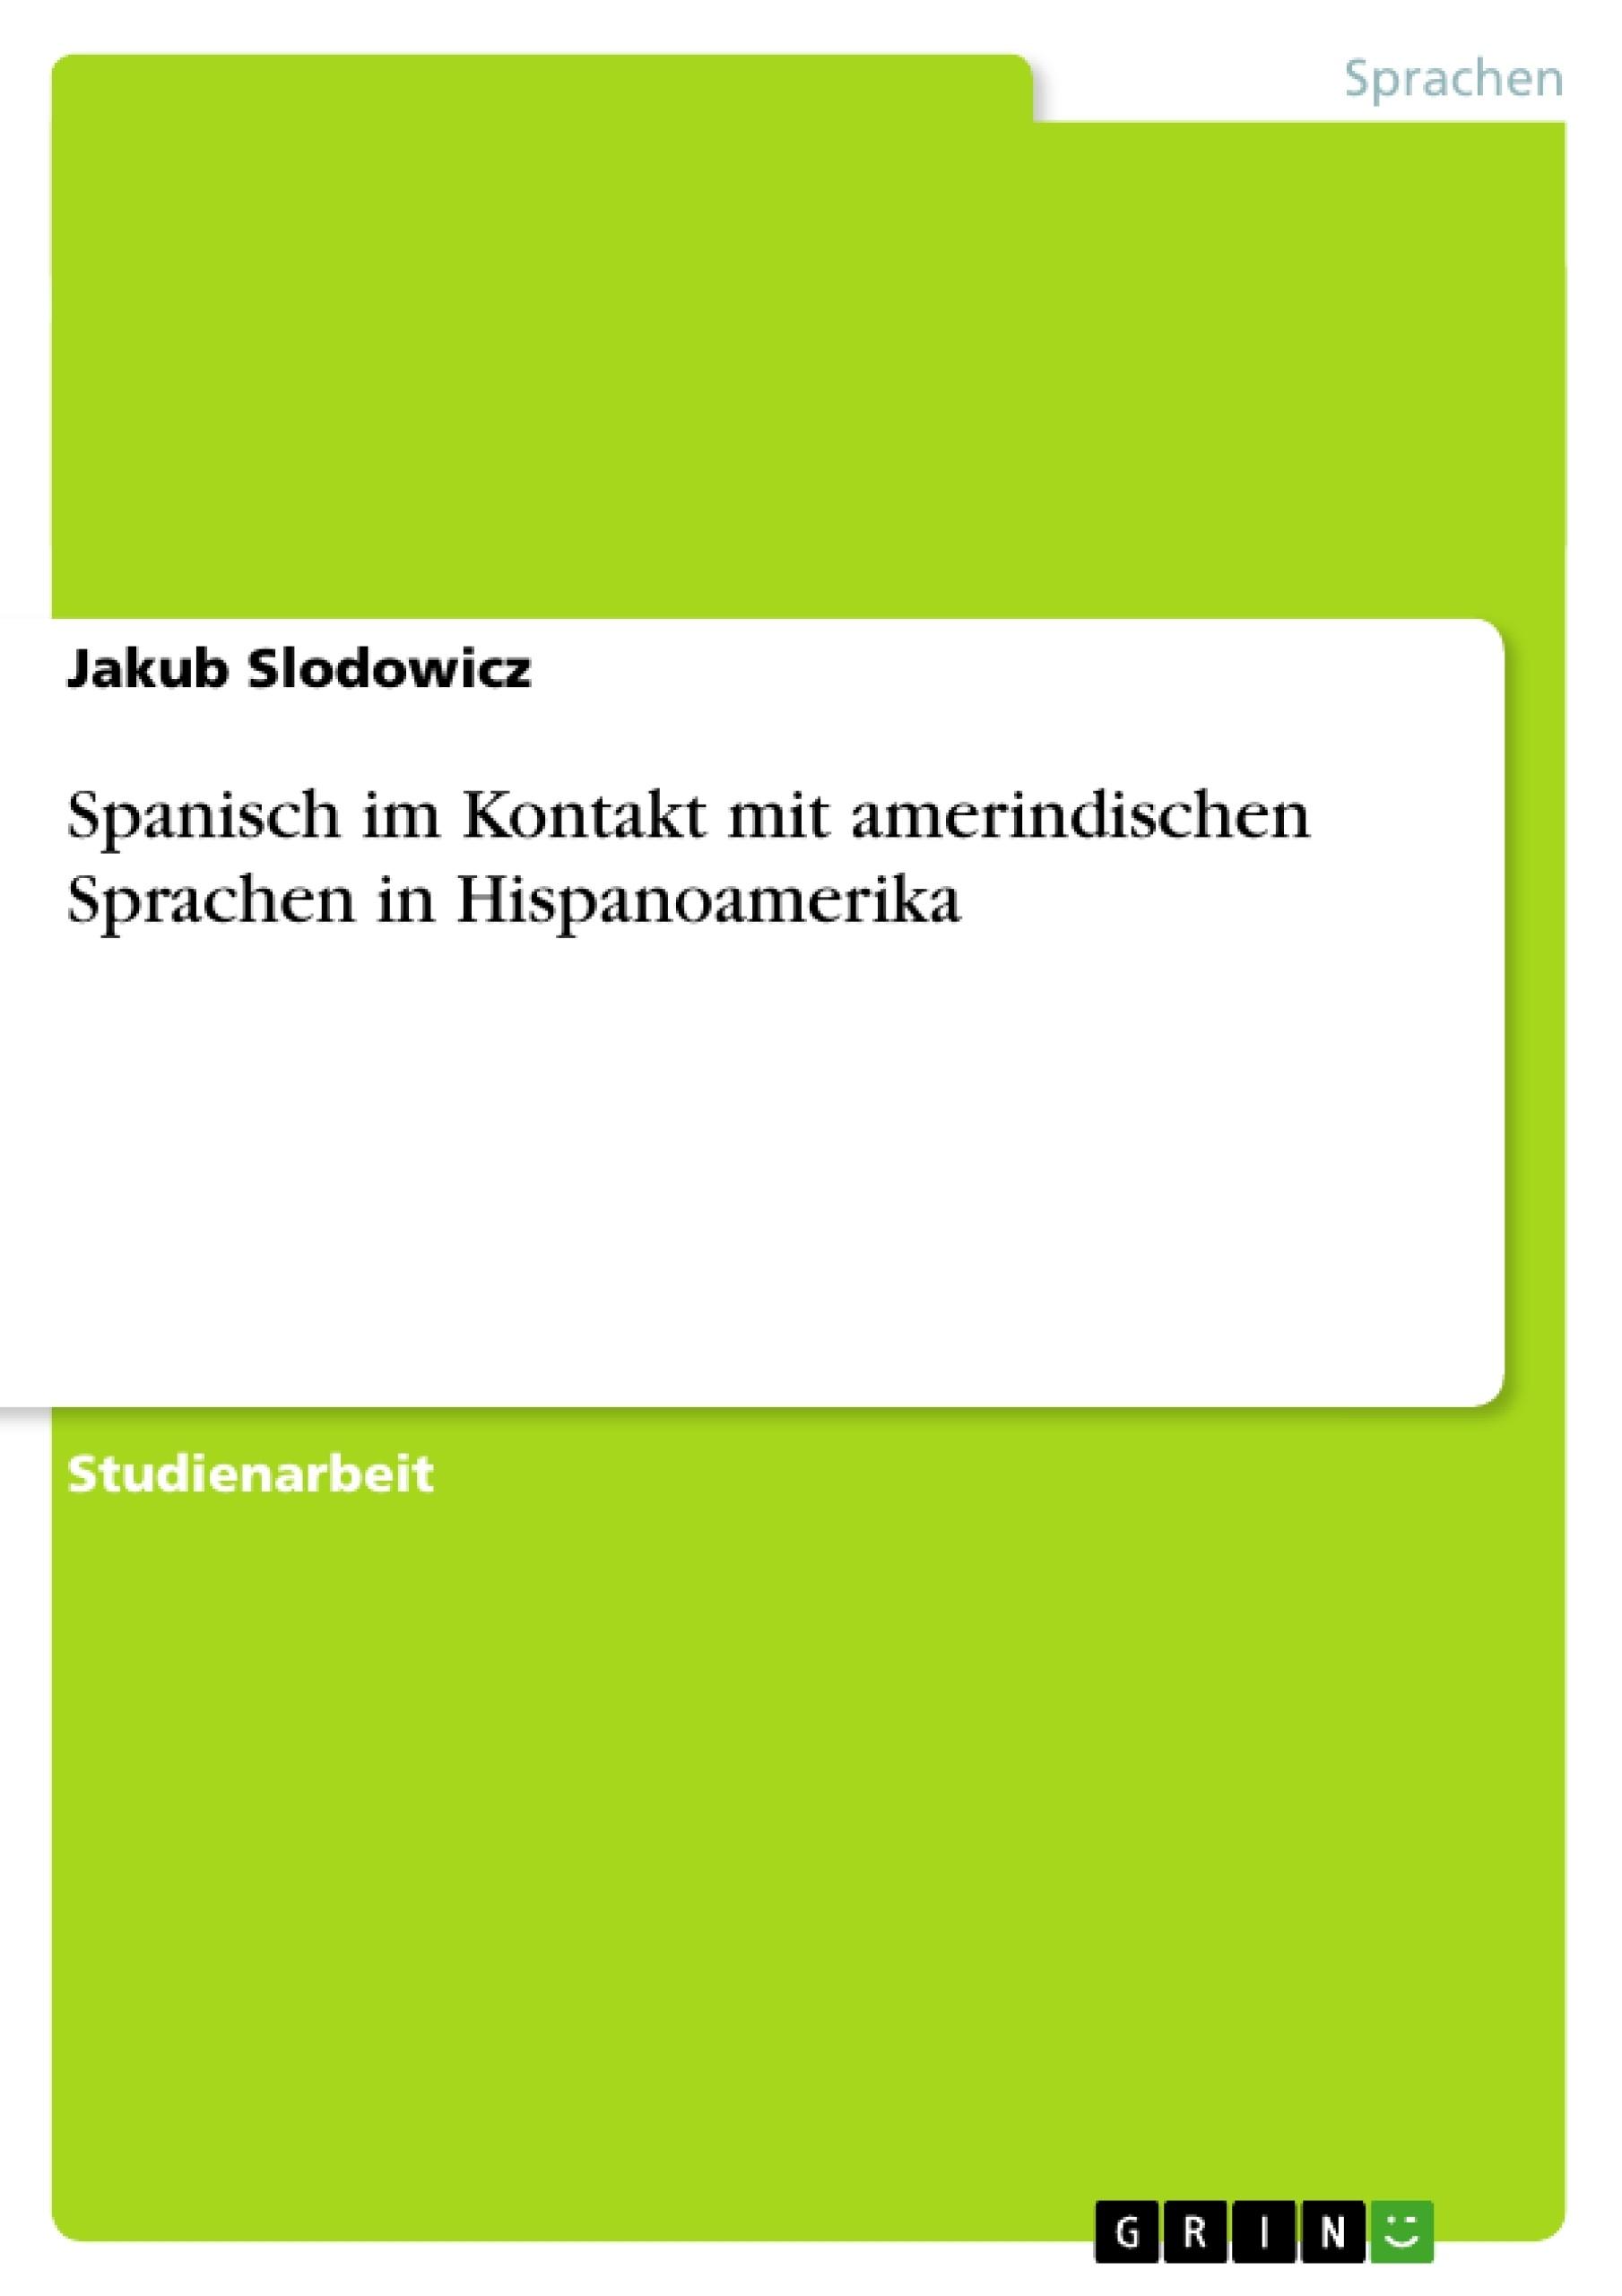 Titel: Spanisch im Kontakt mit amerindischen Sprachen in Hispanoamerika